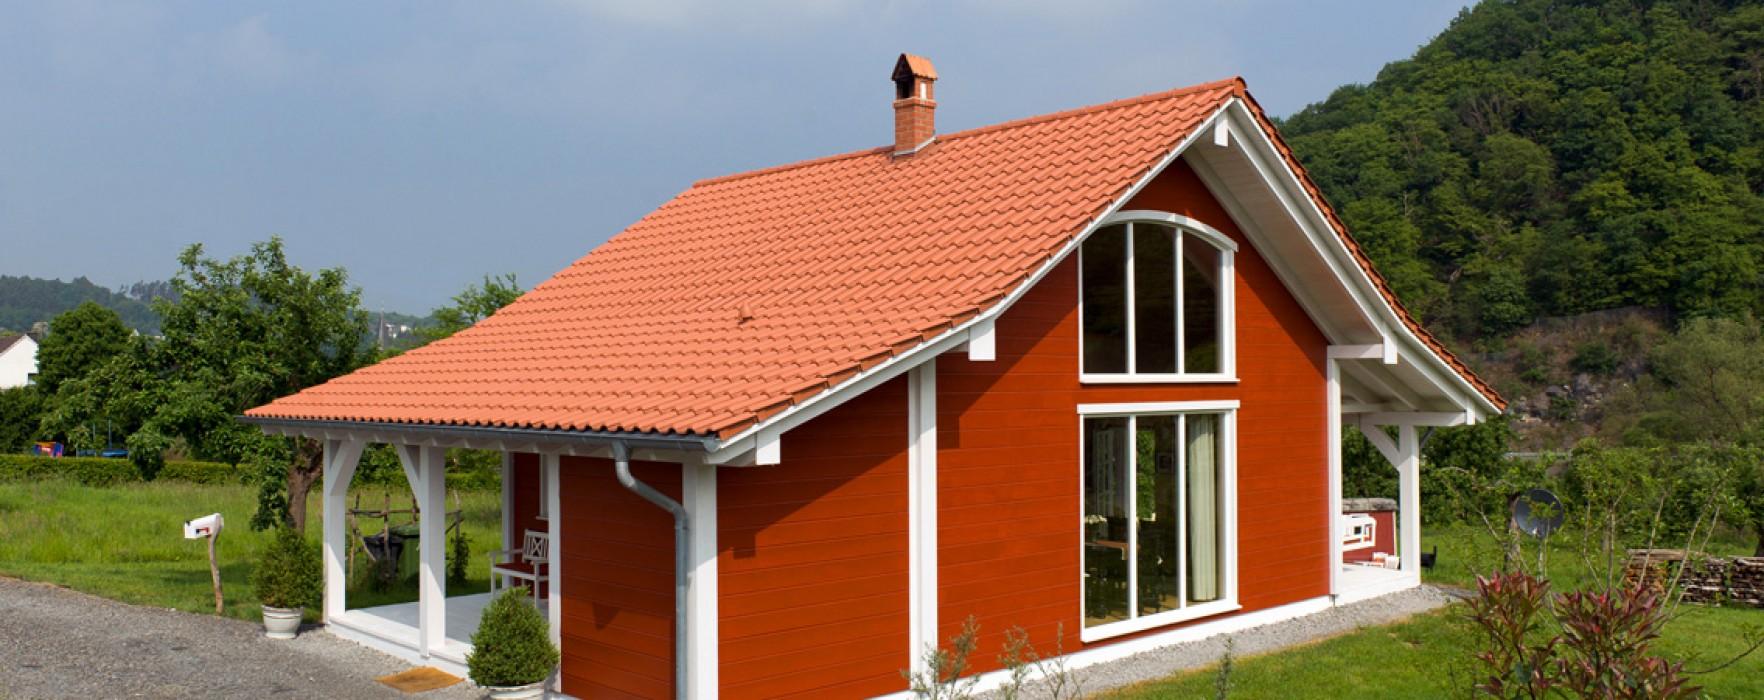 I costi di una piccola casa in legno for Piccola casetta in legno